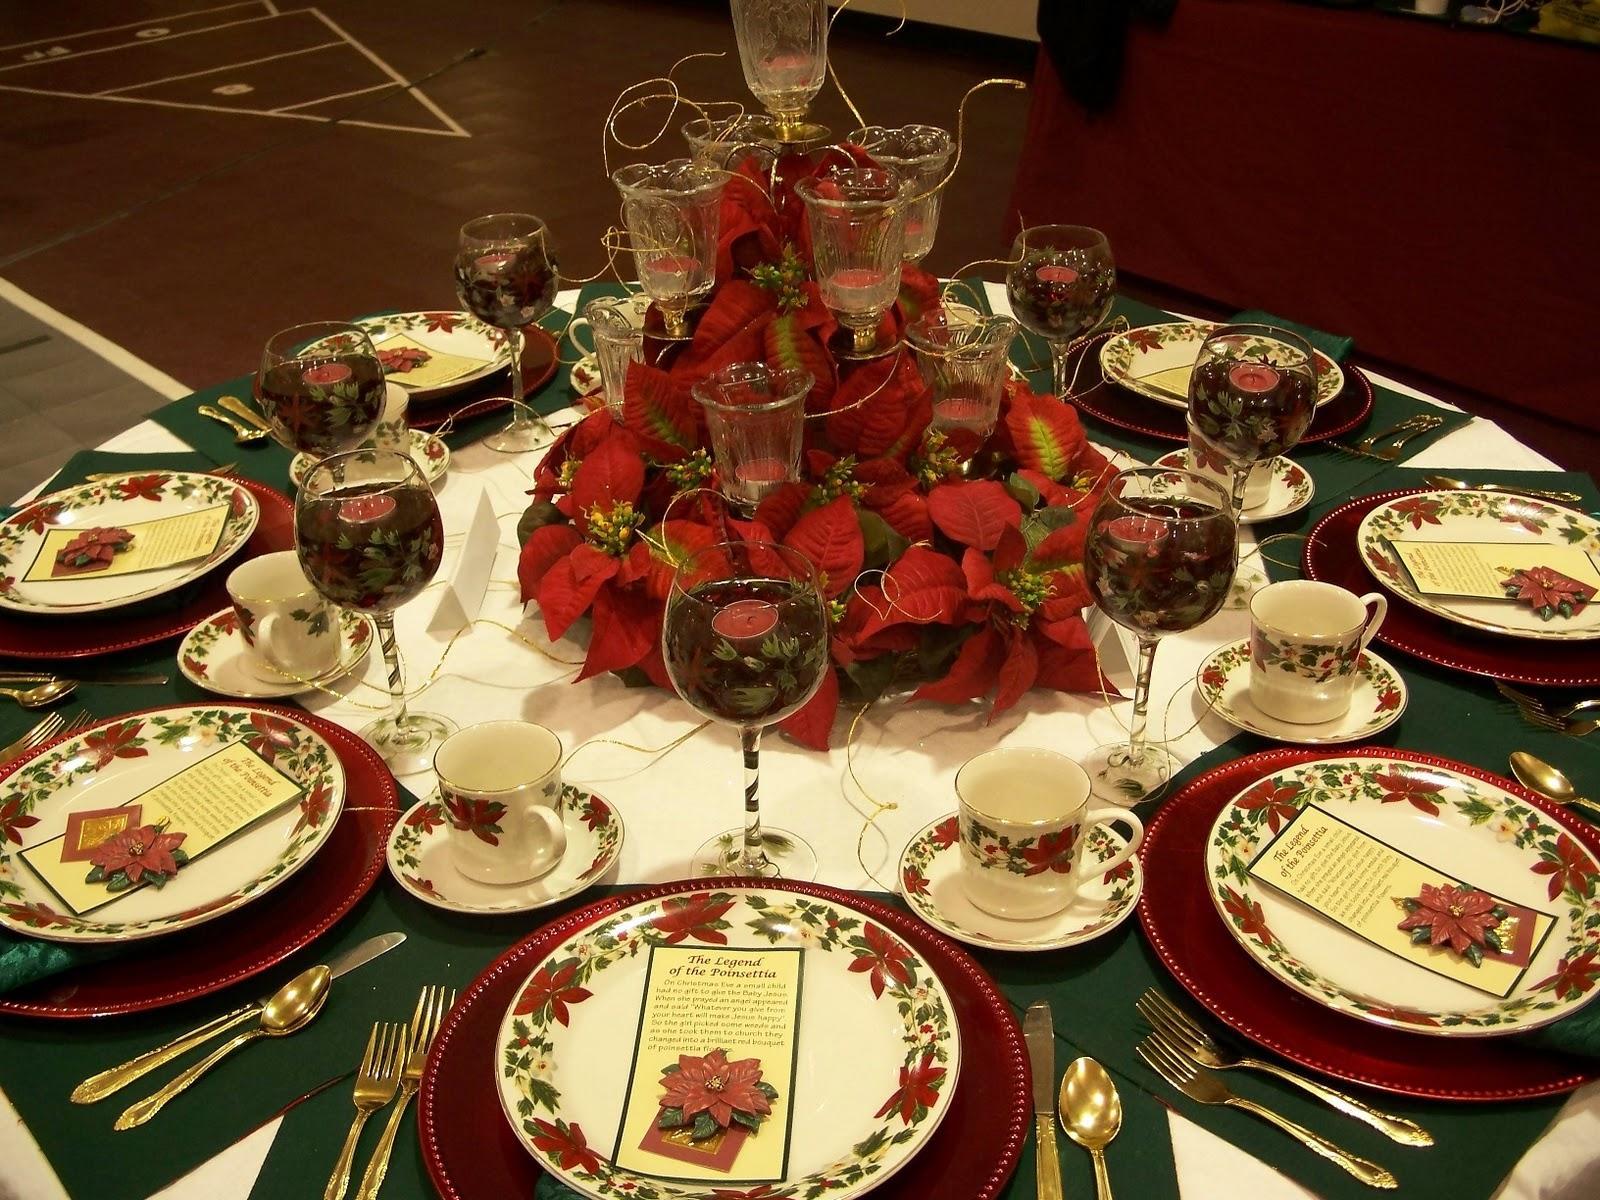 Enfeite De Tender ~ Bem Vindos u2665 u2665 u2665 u2665 u2665 u2665 u2665 u2665 u2665 u2665 u2665 u2665 Dicas de como decorar a mesa da ceia de Natal